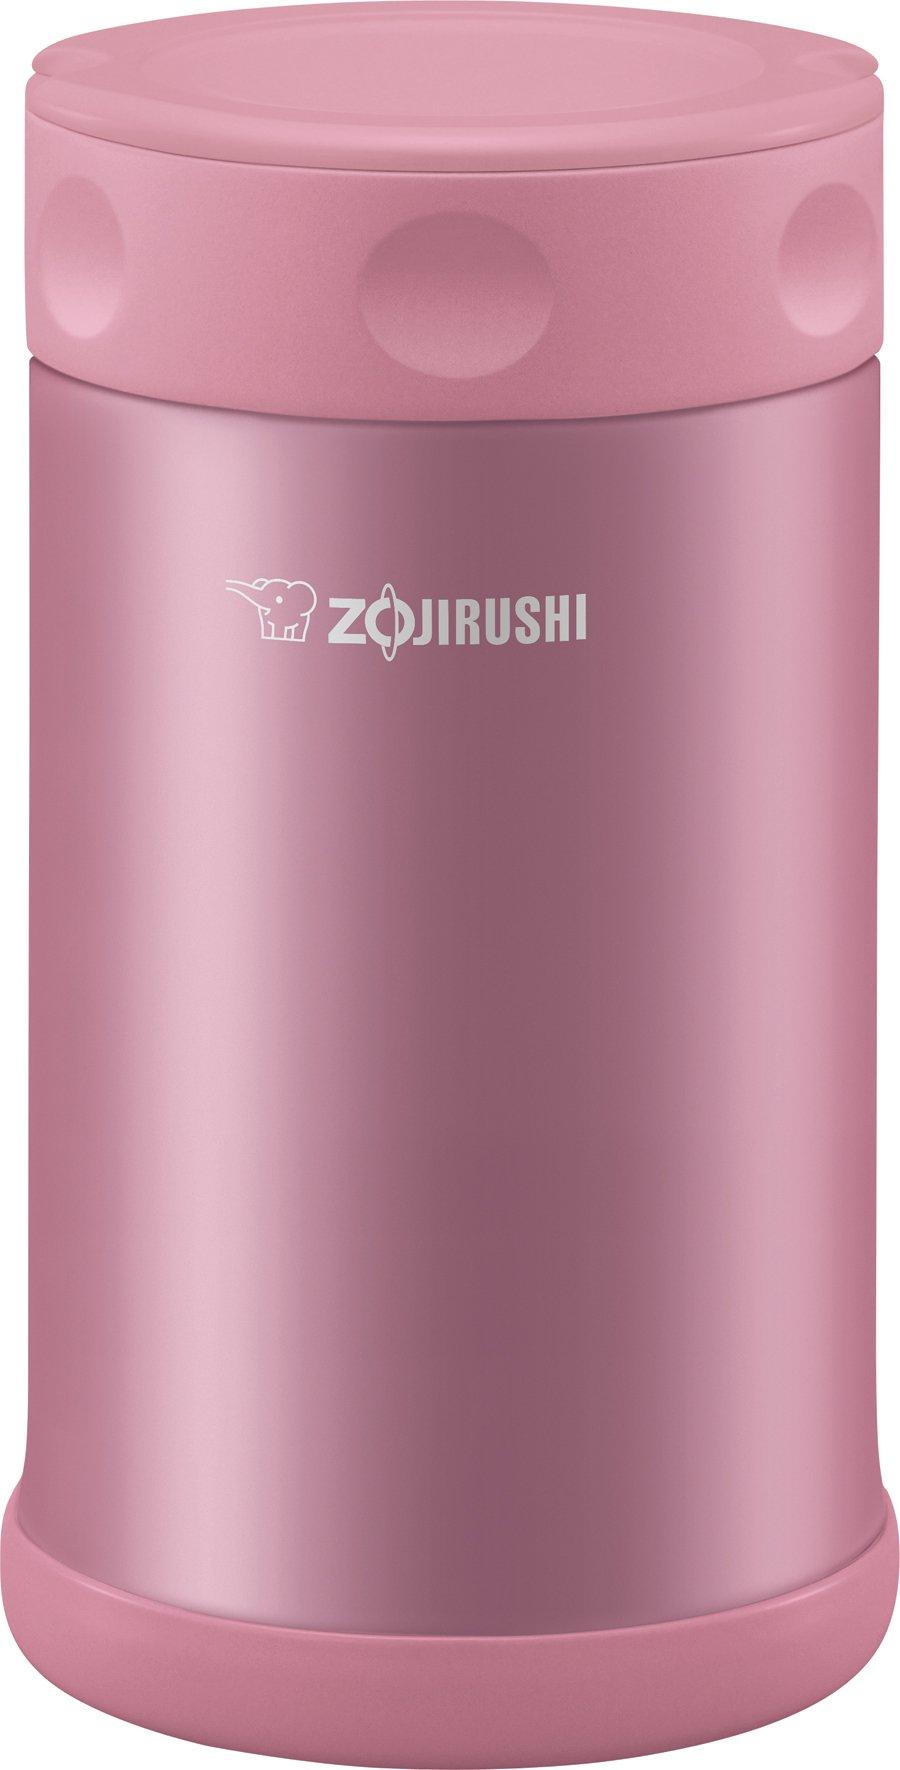 Zojirushi Stainless Steel Food Jar 25 oz./0.75 Liter, Shiny Pink